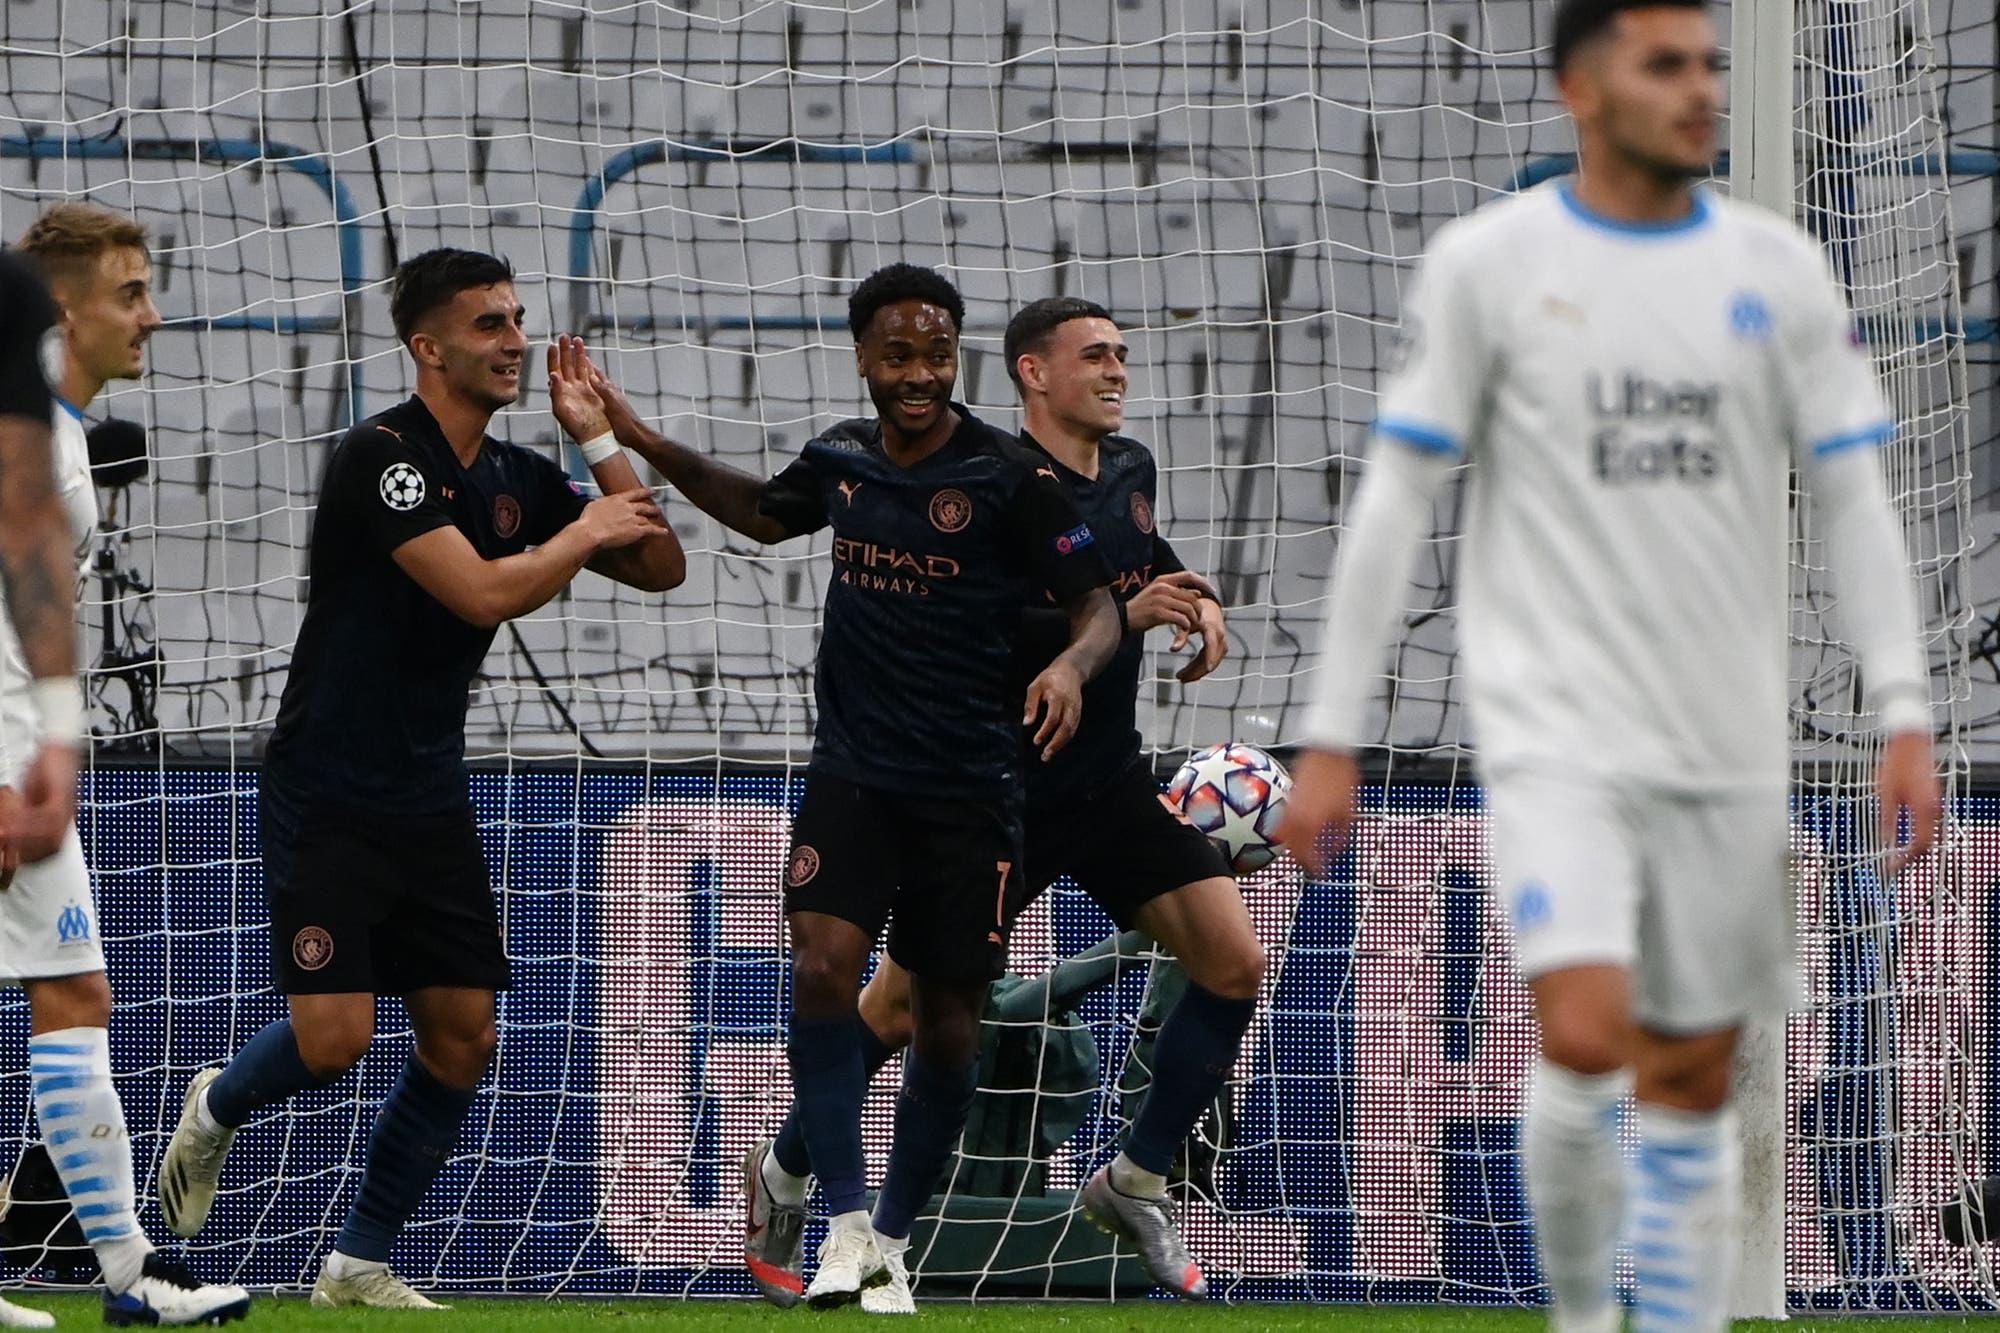 Manchester City goleó a Olympique de Marsella en Francia y se sobrepone a las ausencias por lesiones en la Champions League